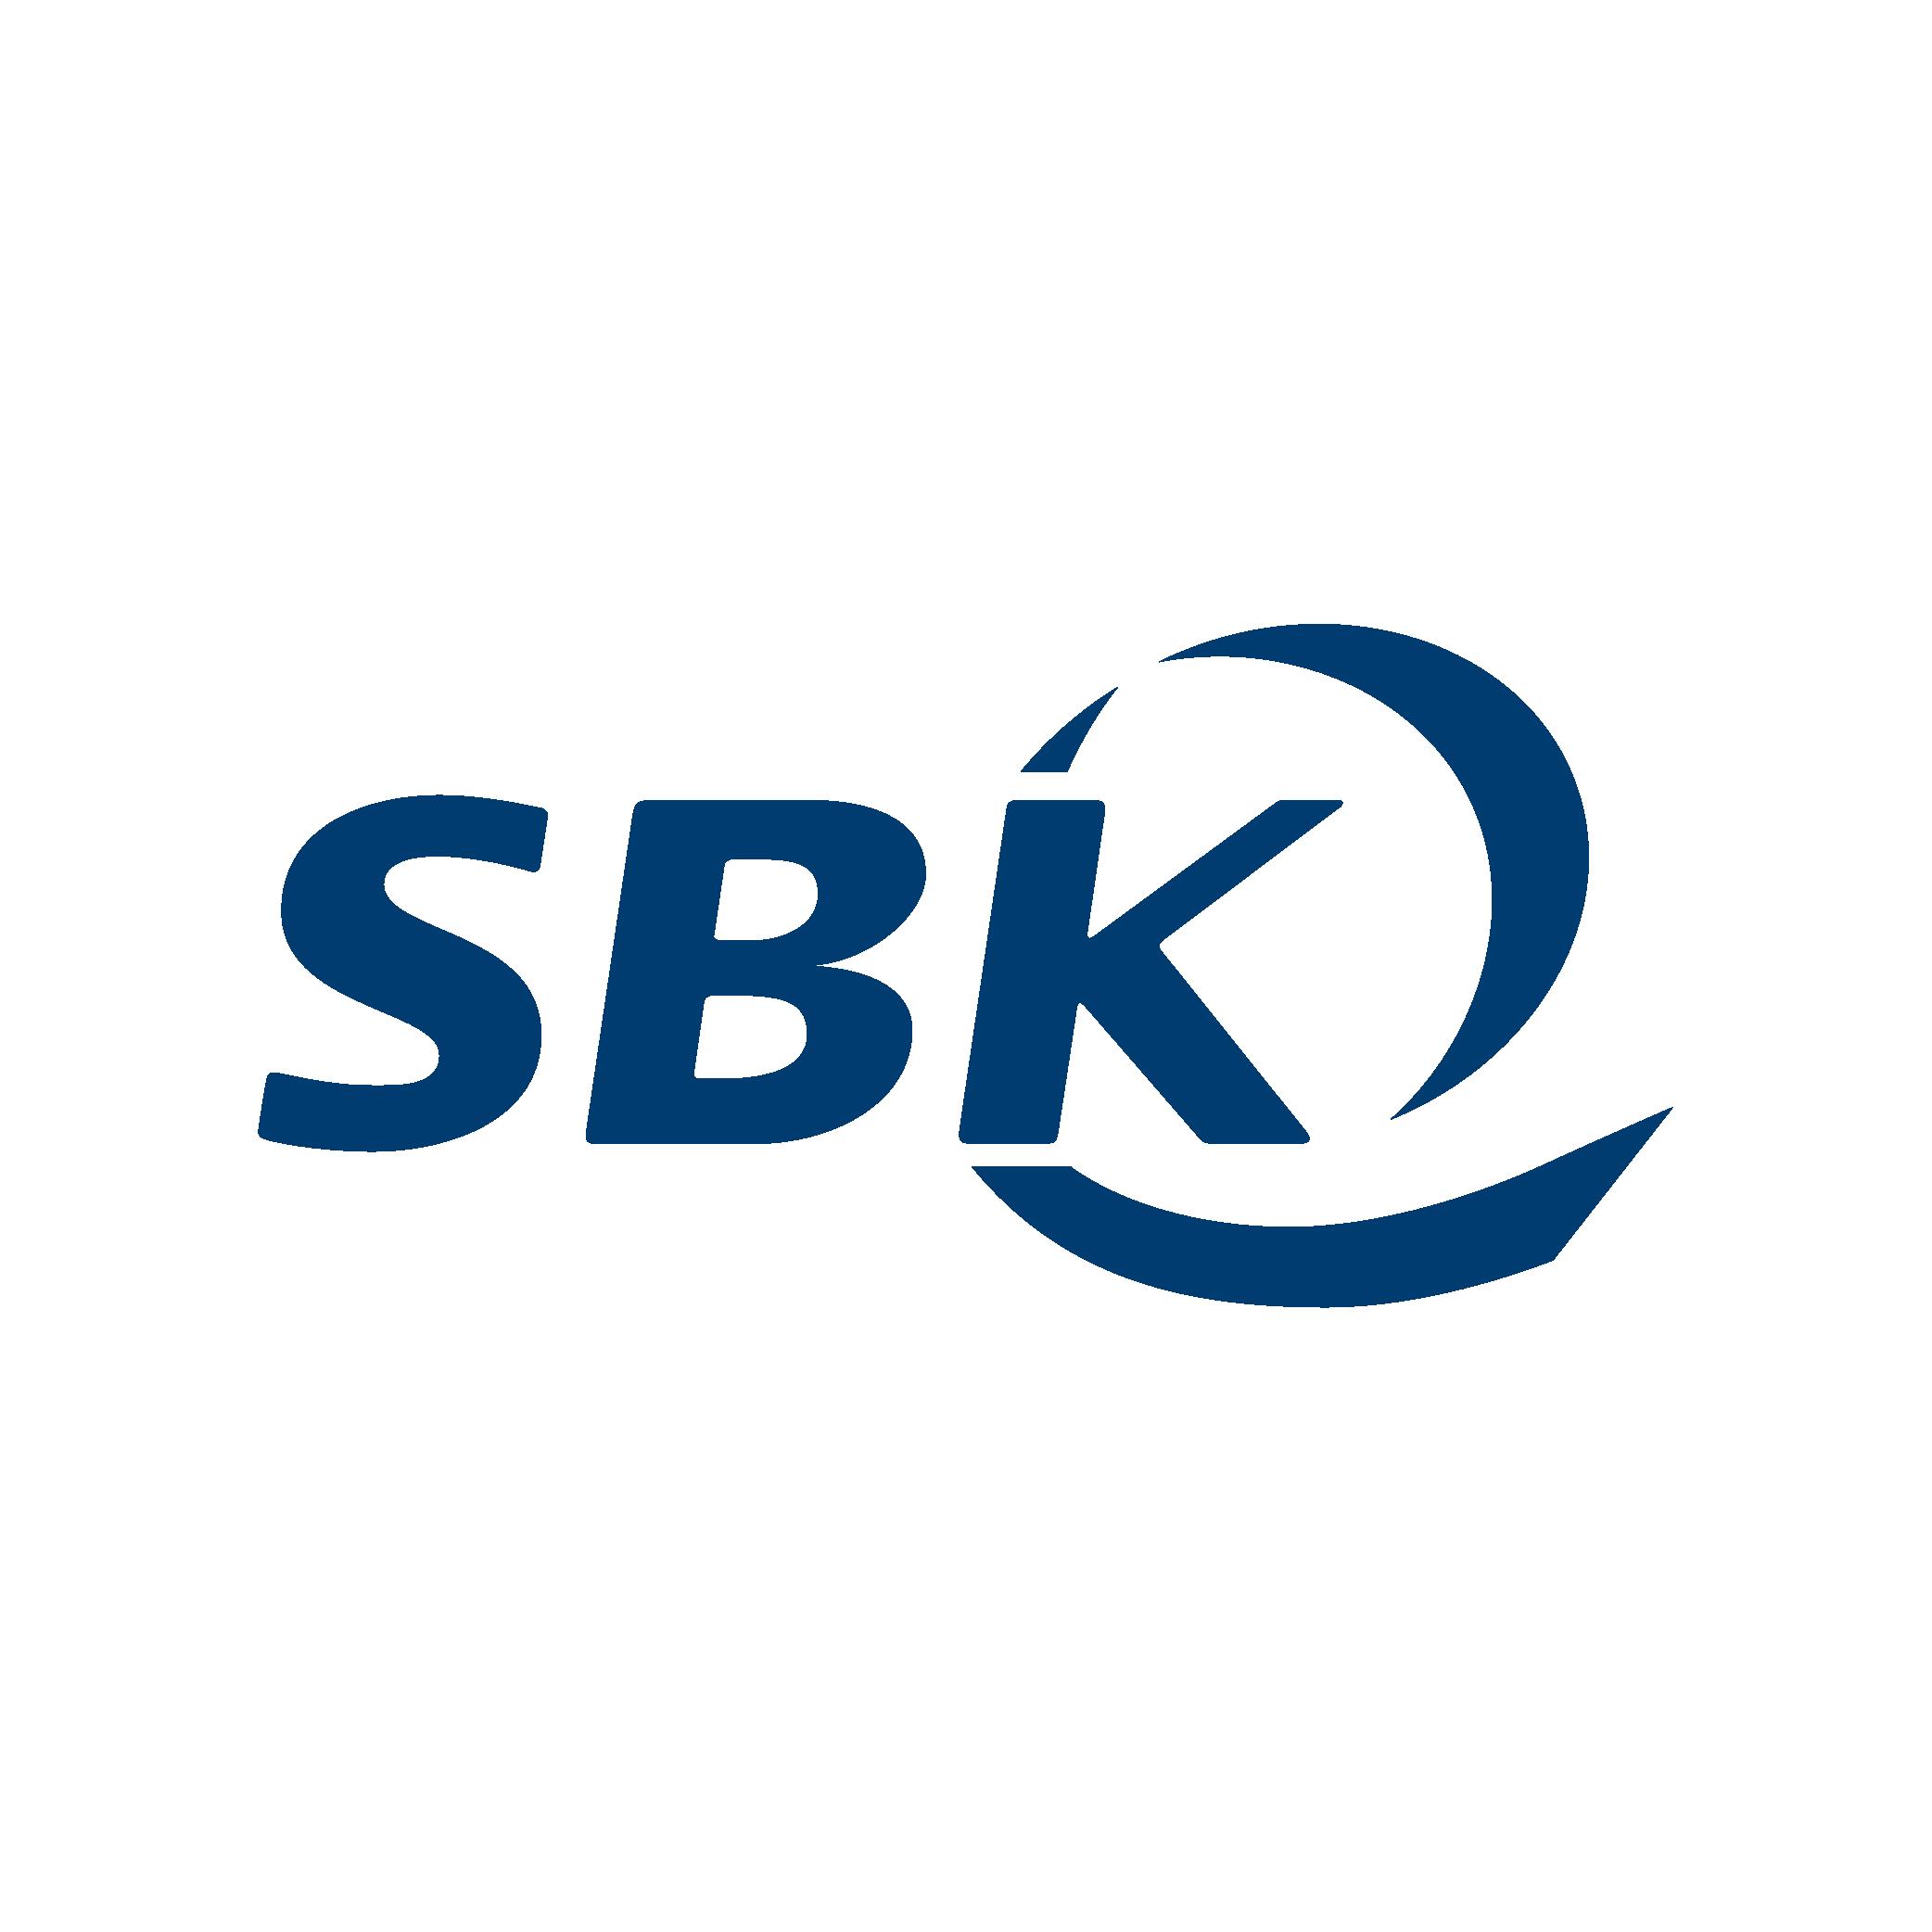 Markenzeichen der SBK - Siemens BKK